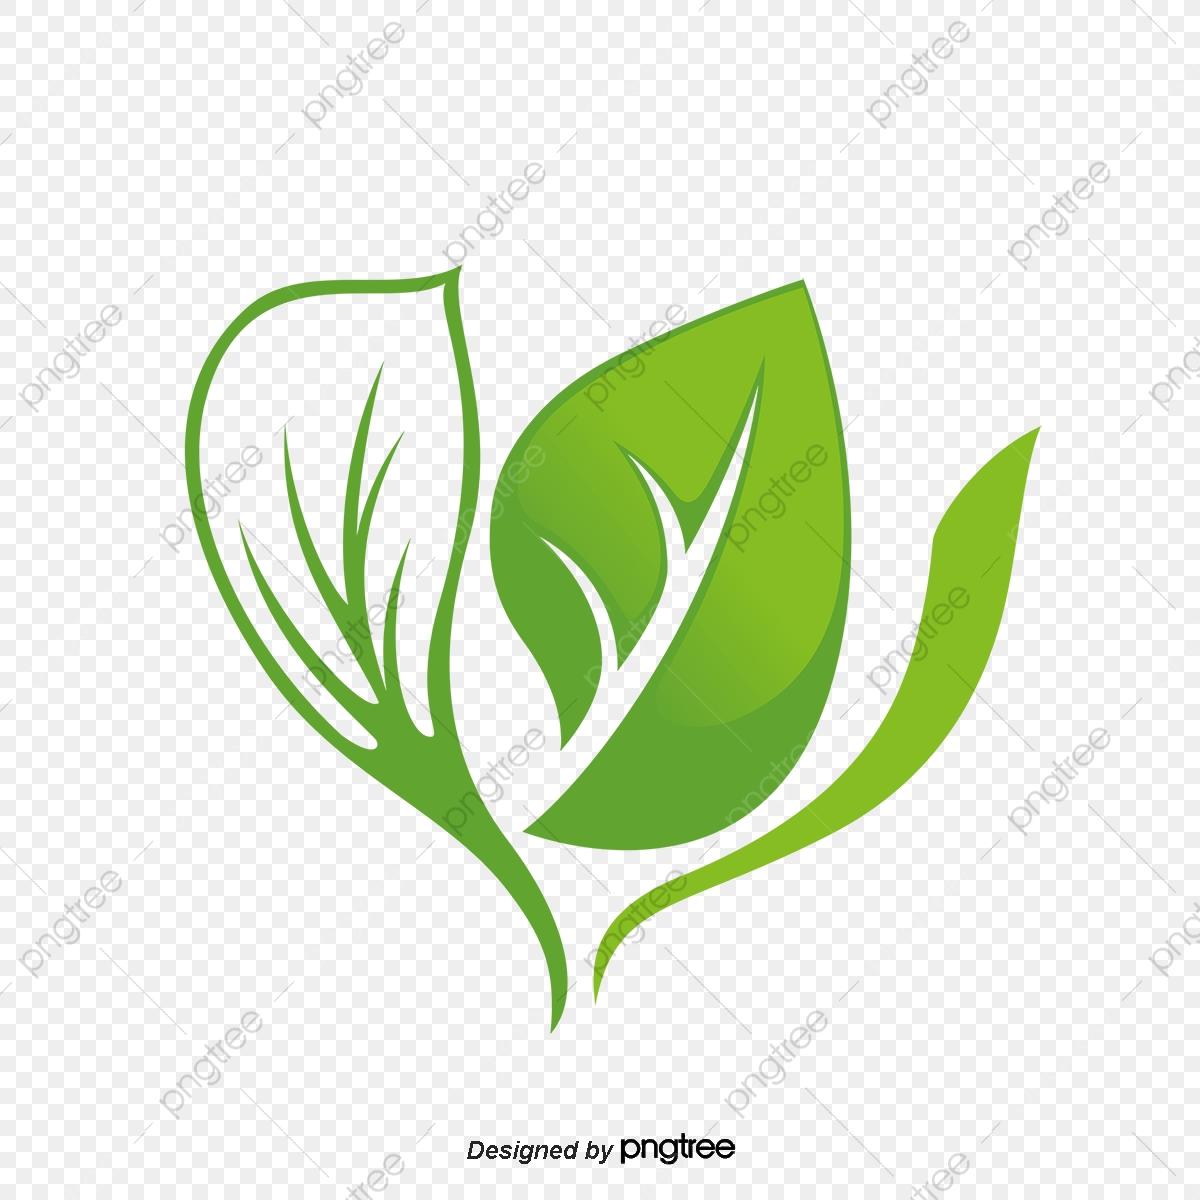 Green Leaf Logo Design, Green Leaves, Green Leaves, Logo PNG.